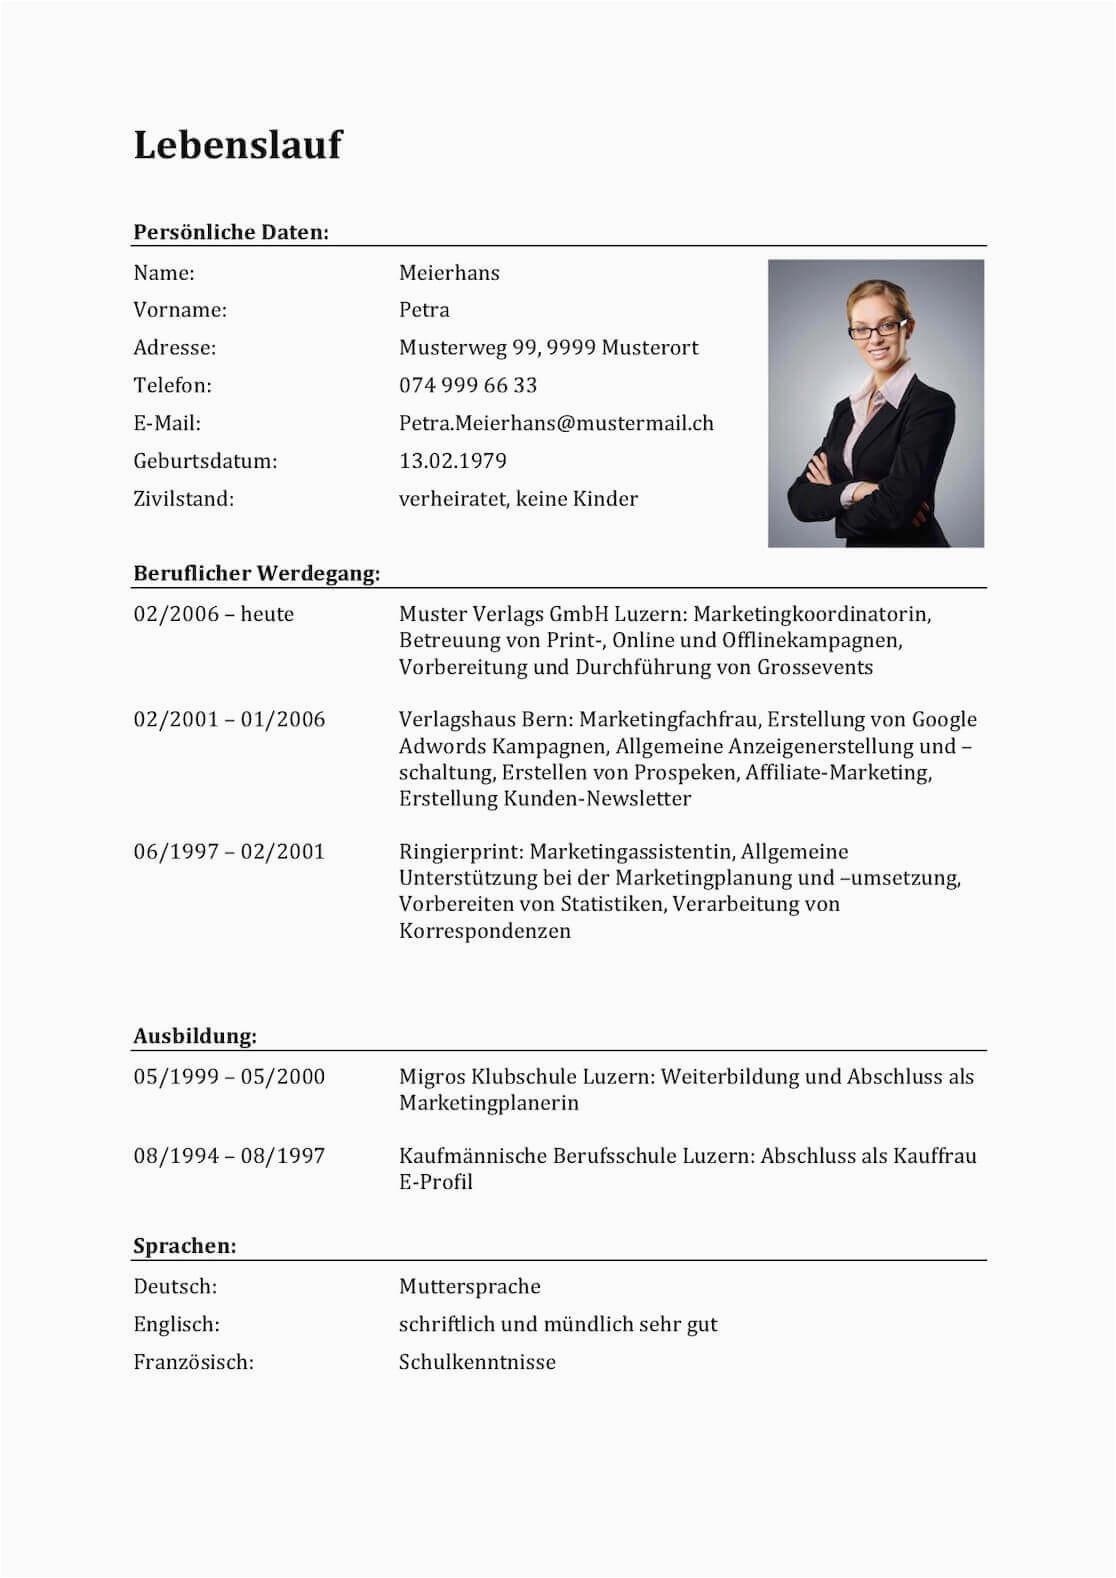 Vorlagen Lebenslauf Schweiz Lebenslauf Vorlagen & Muster Für Bewerbung In Der Schweiz